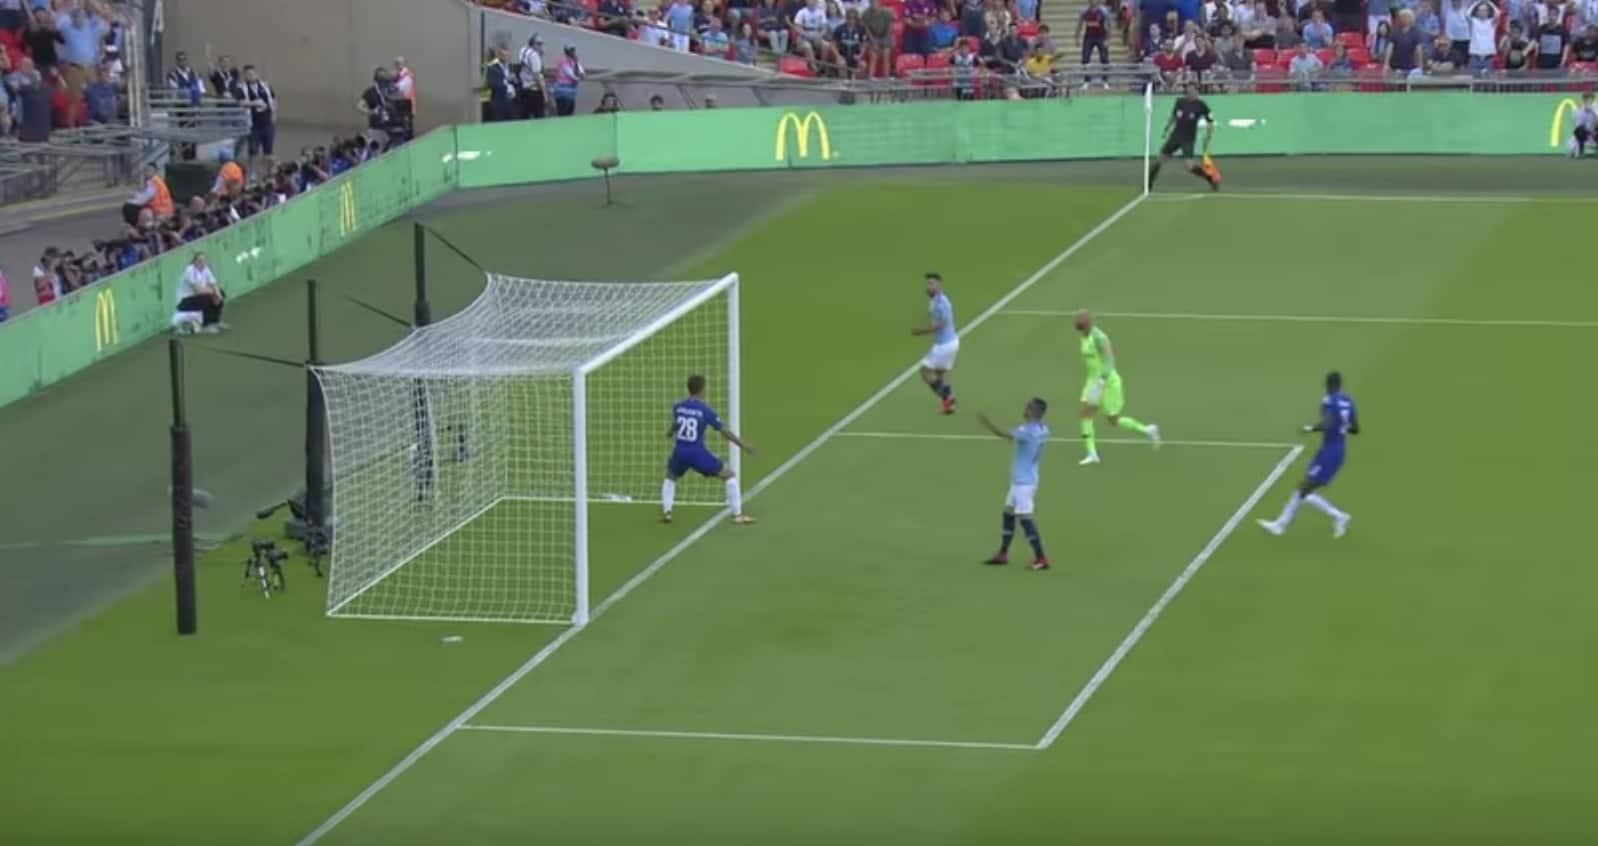 Chelsea - Manchester City (08.12.18). Gdzie w internecie za darmo?